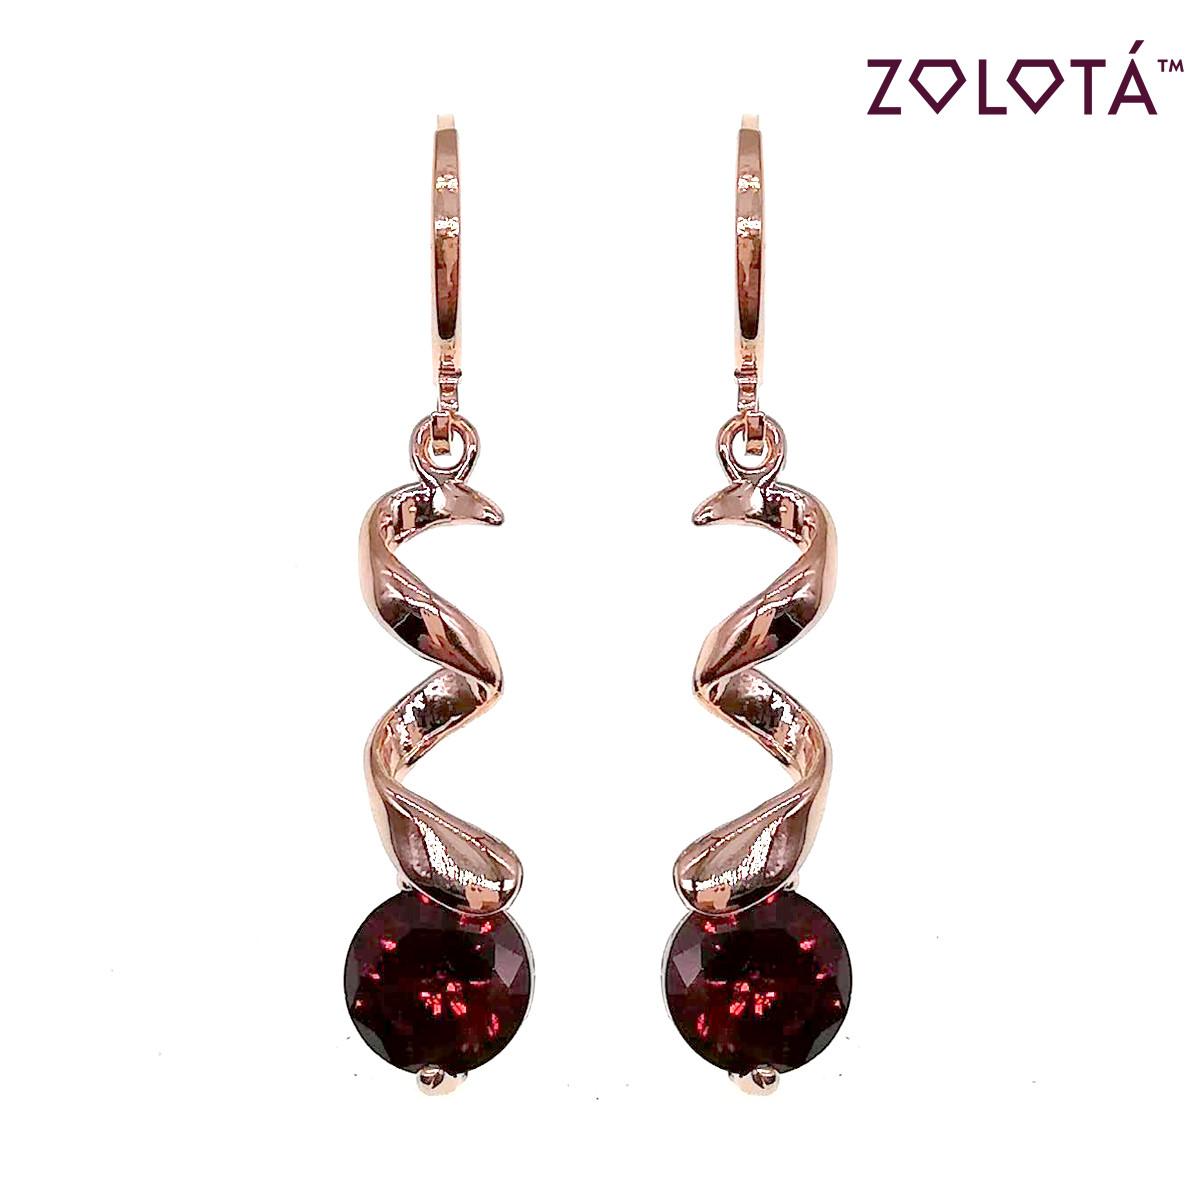 Серьги Zolota с темно-красными фианитами (куб. цирконием), из медицинского золота, в позолоте, ЗЛ00648 (1)